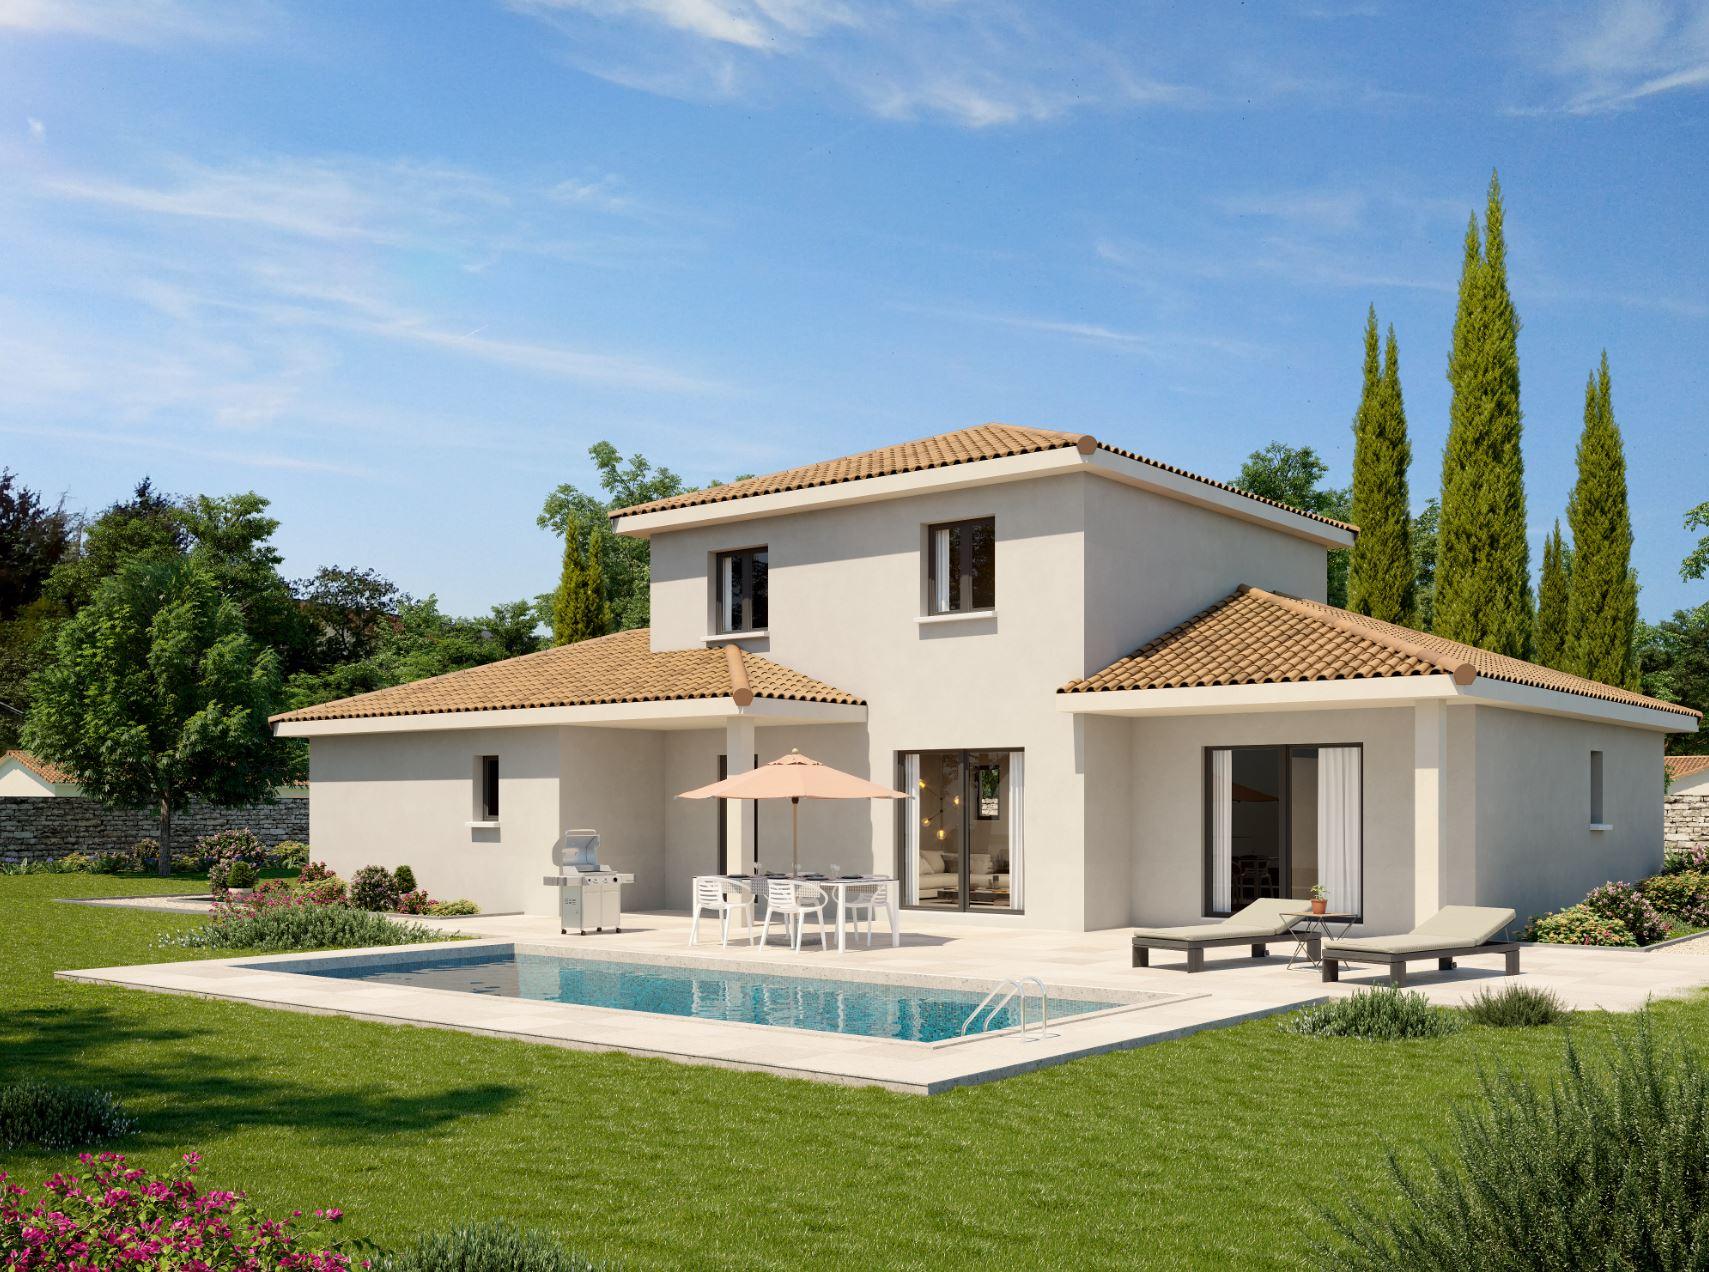 Maisons + Terrains du constructeur DEMEURES CALADOISES • 120 m² • LE PASSAGE